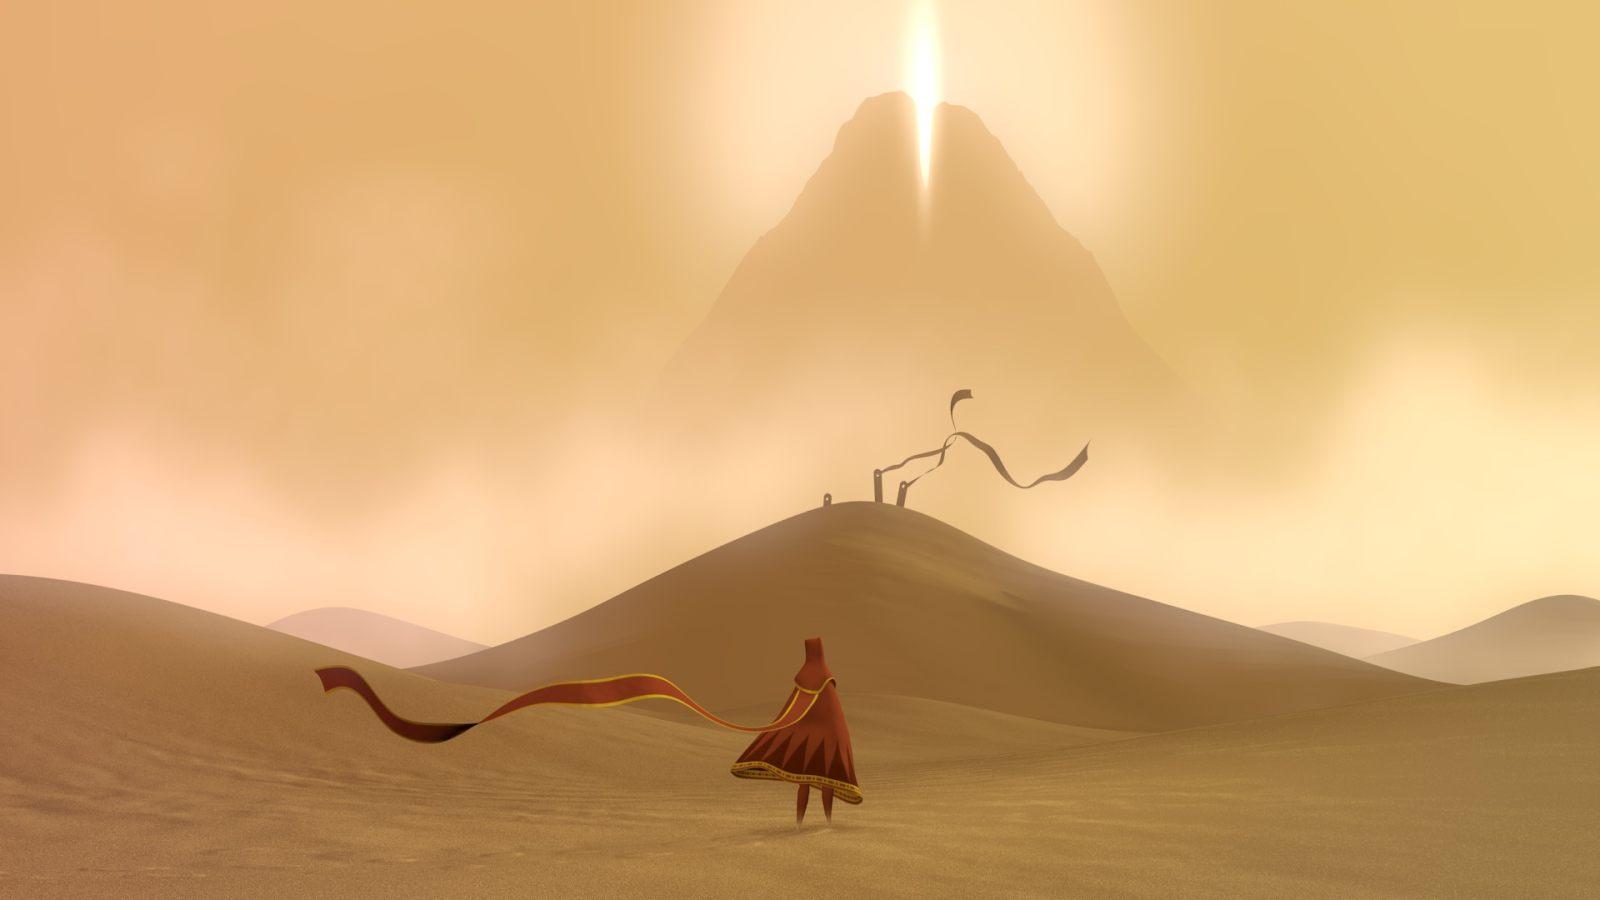 《风之旅人》正式登陆iOS,现在可以在手机上体验至美之旅了